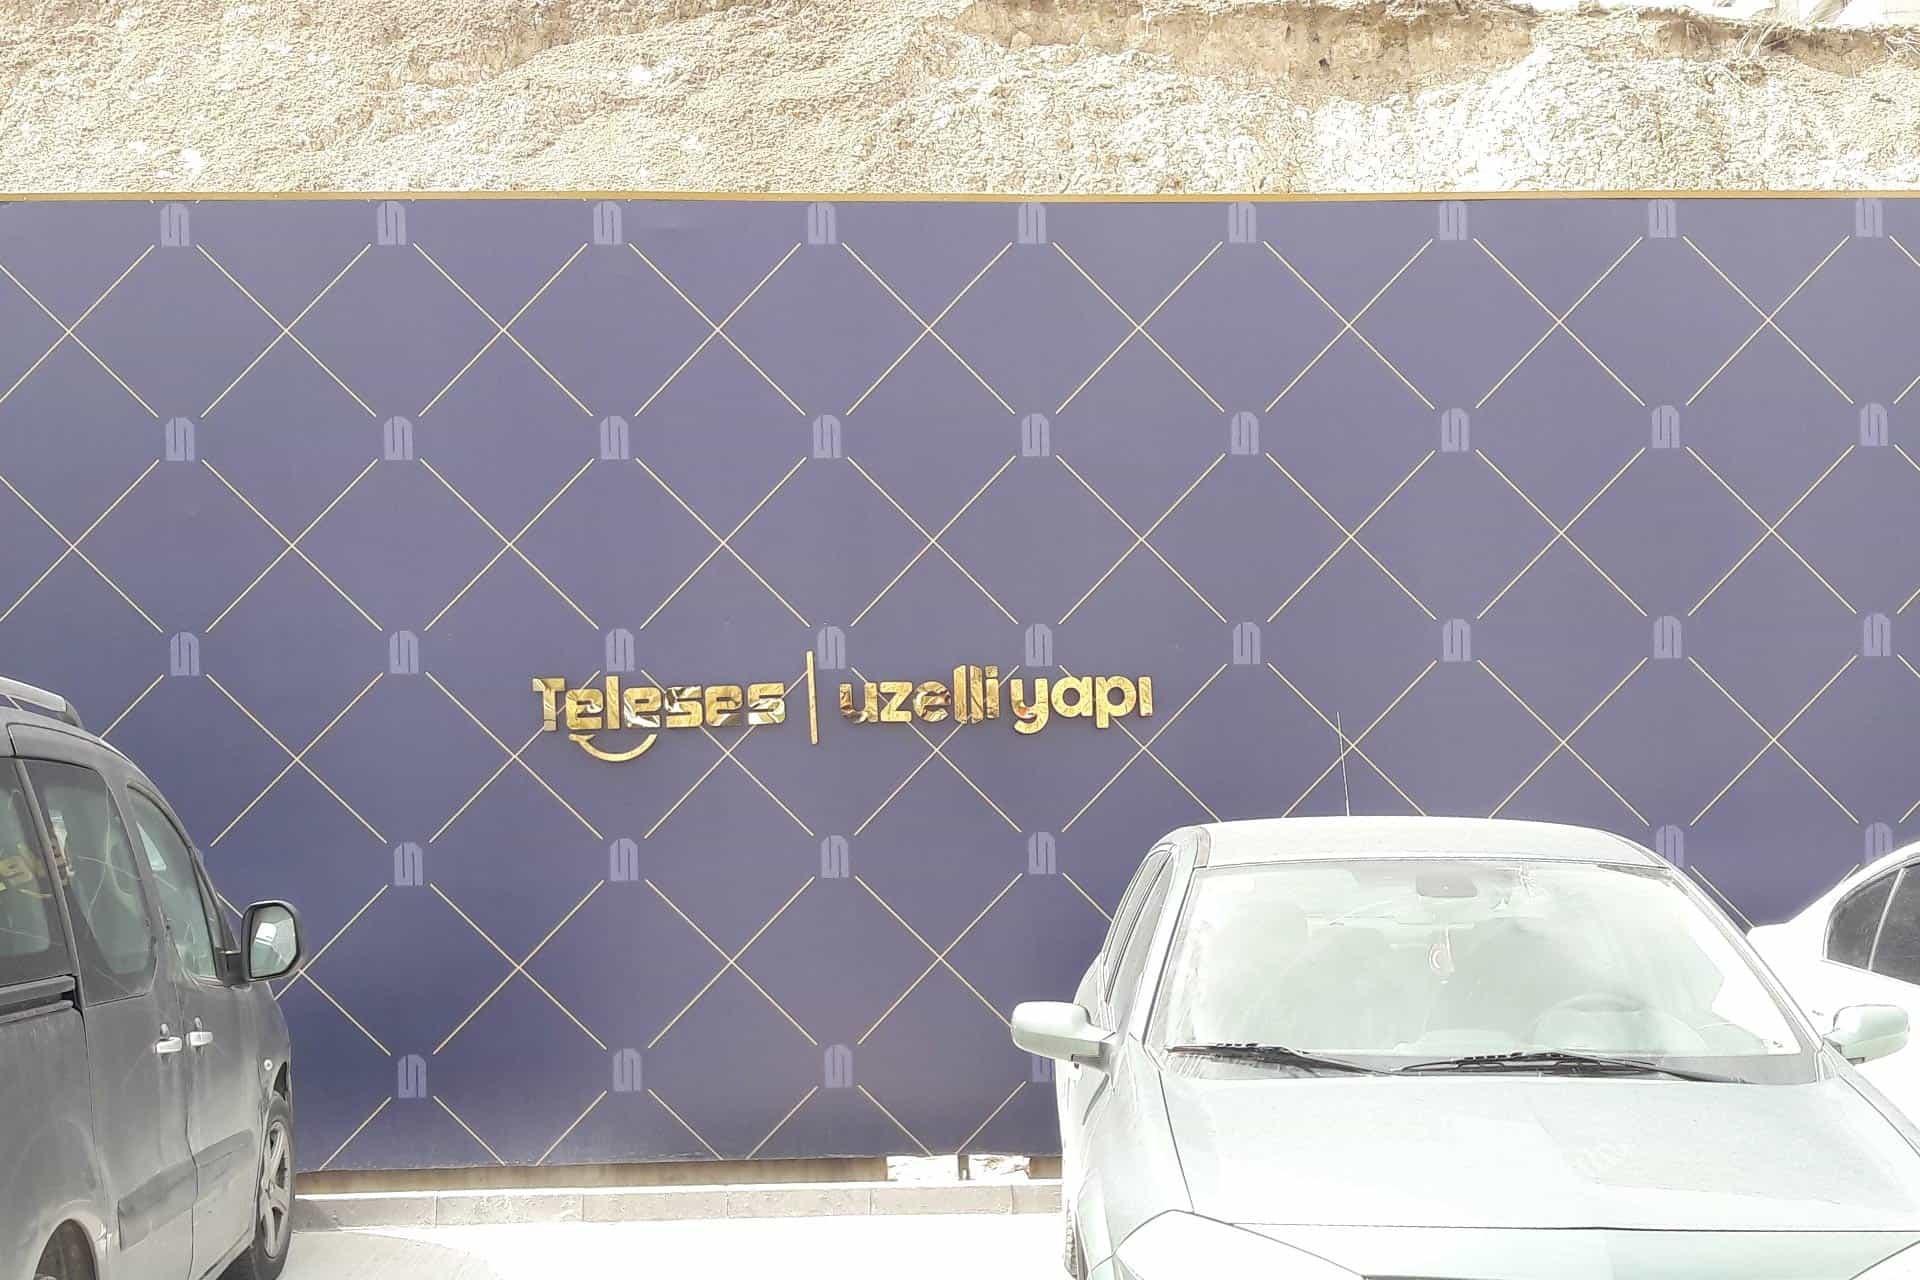 santra konut rezidans ofis insaat reklam duvar baskilari3 - Santra Konut Rezidans İnşaat Duvar Reklam Baskıları